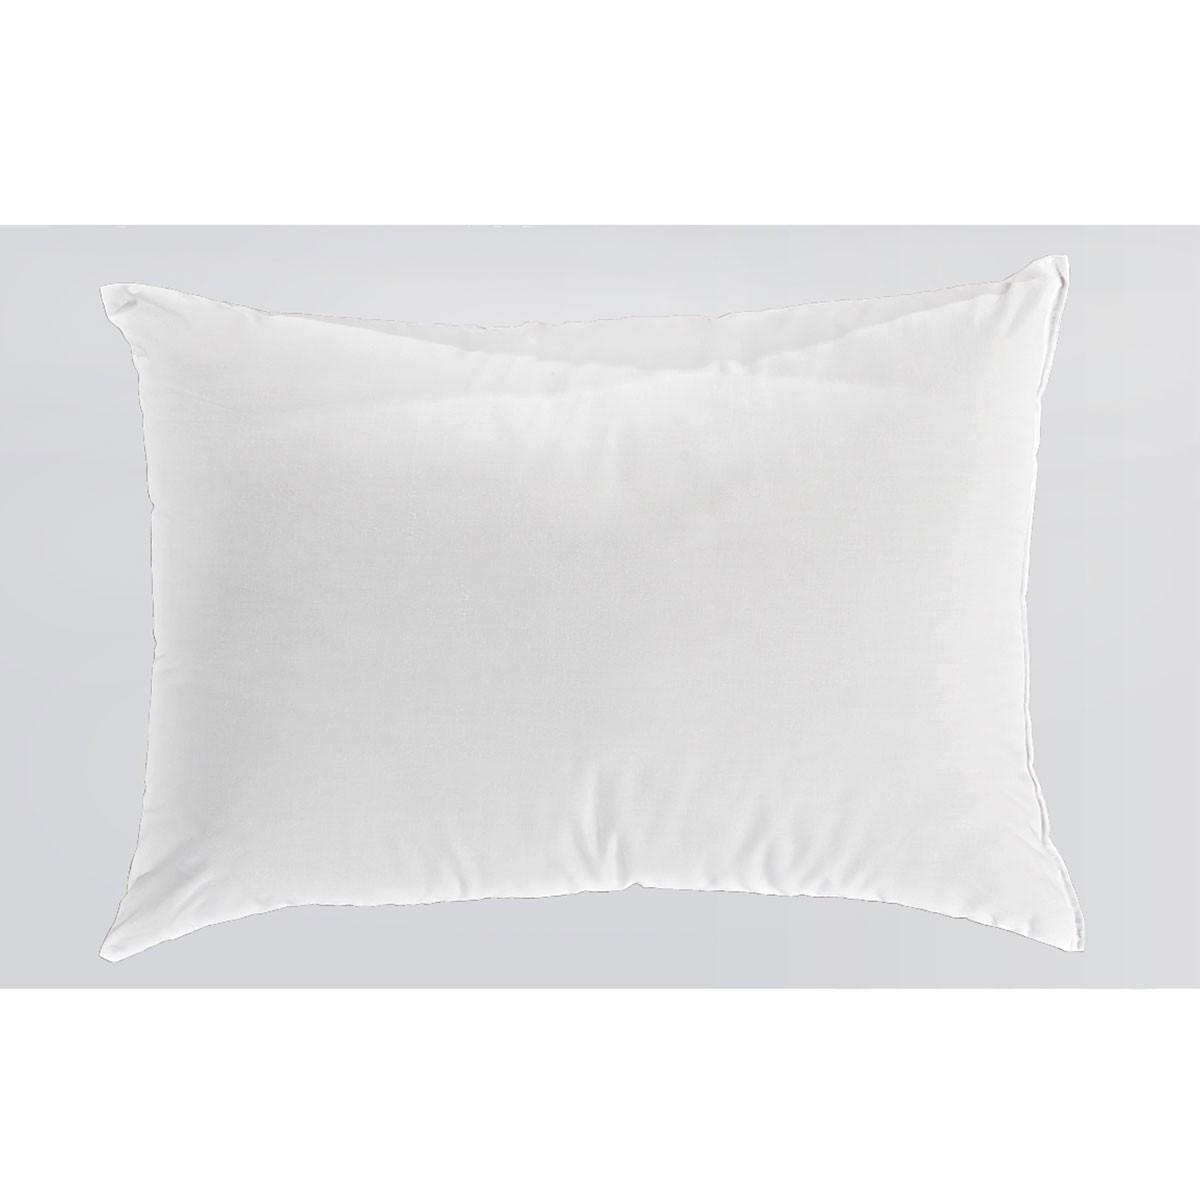 Μαξιλάρι Ύπνου (50×70) Nima Cuscino Star